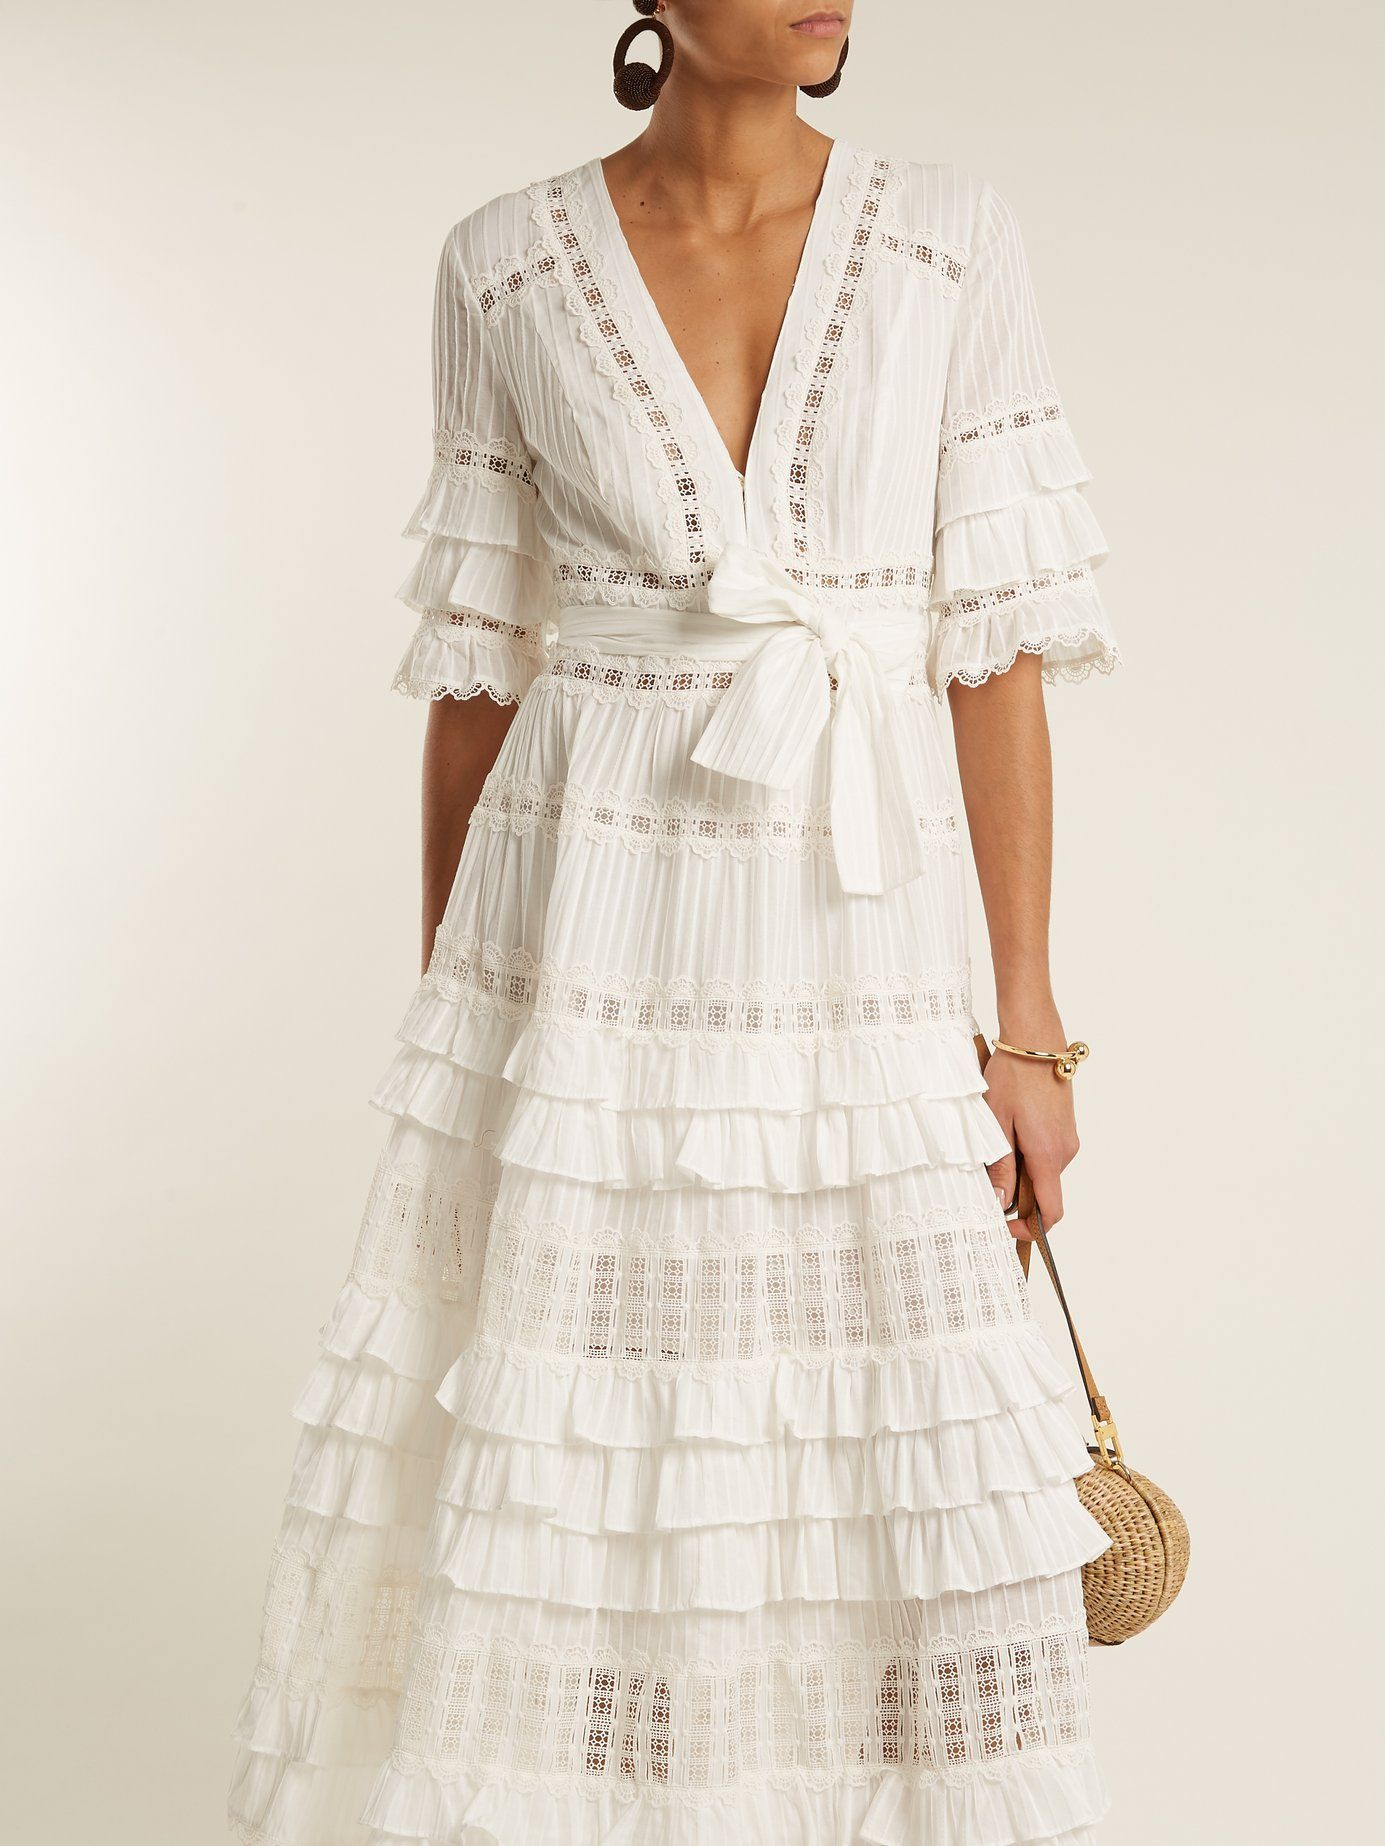 zimmermann | damenbekleidung | kaufen sie online bei